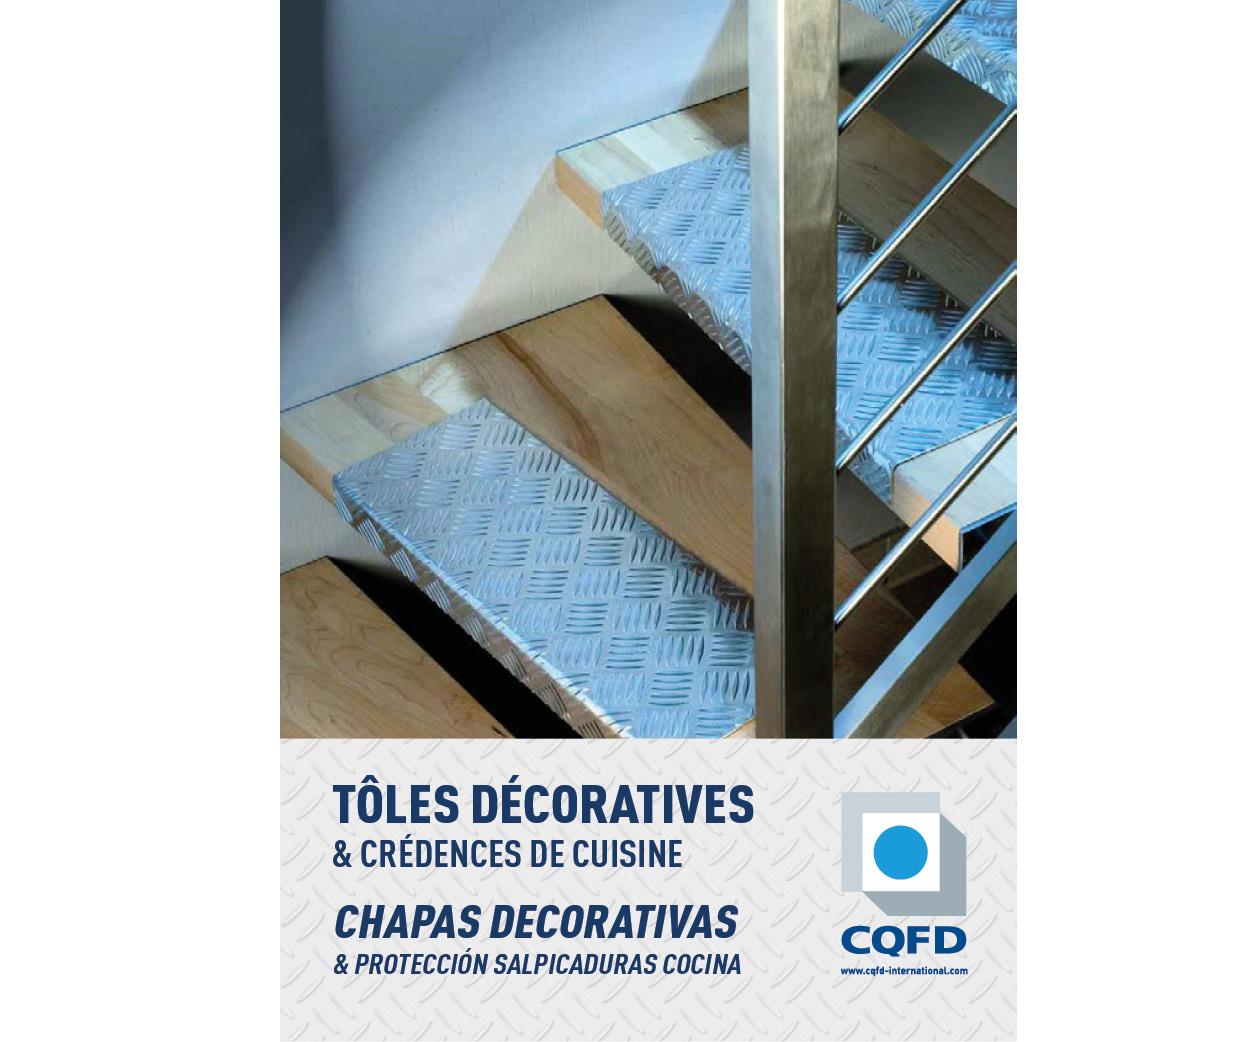 vignette catalogue tôles FR ES.jpg